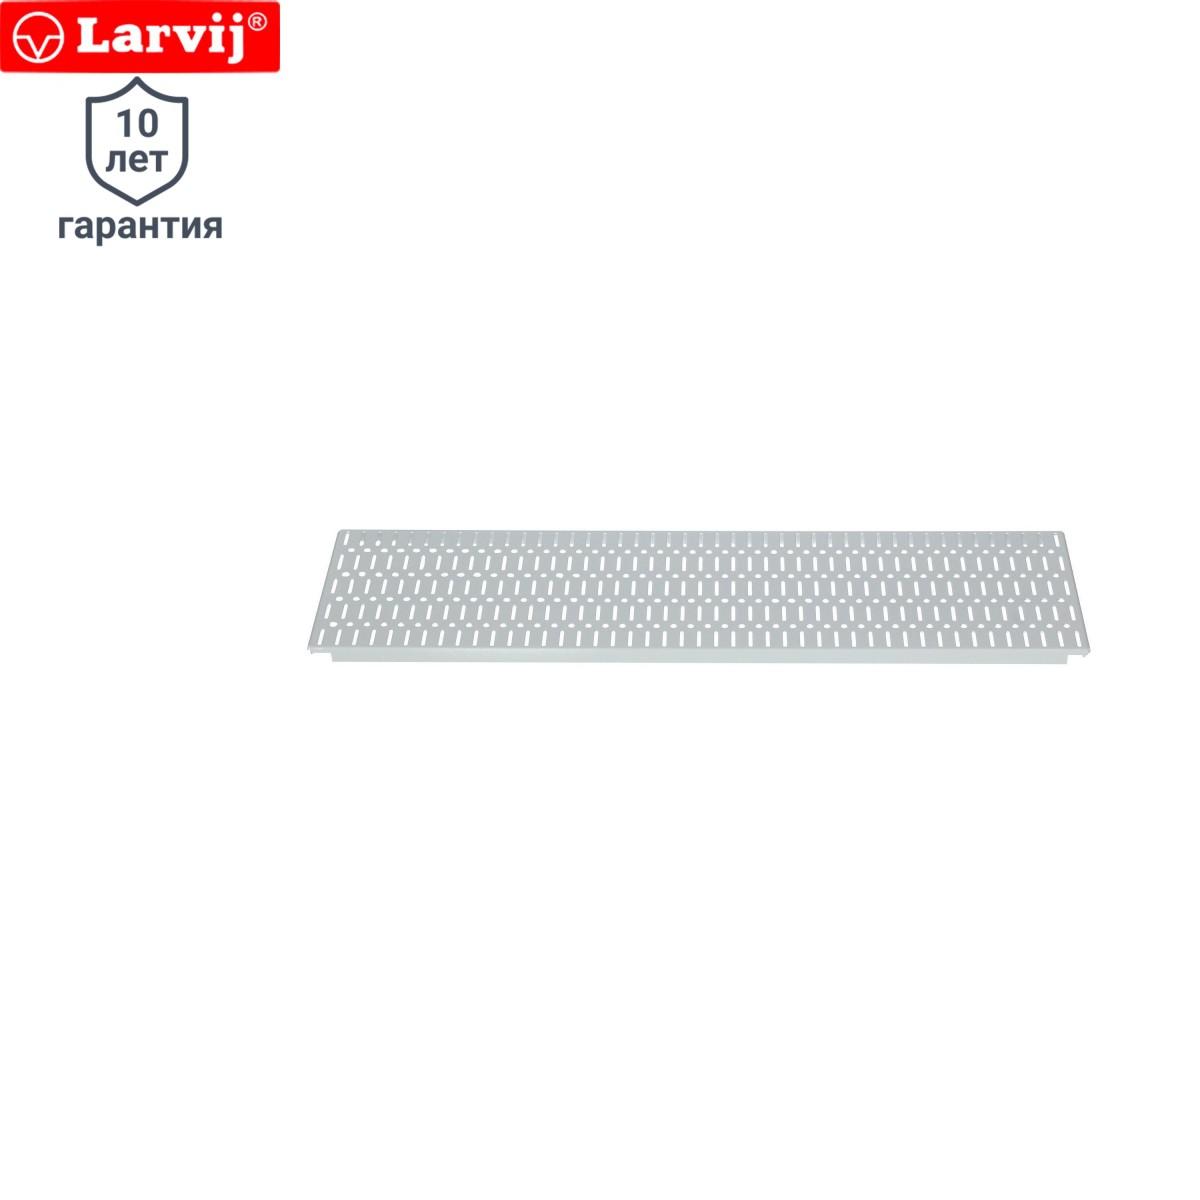 Панель перфорированная Larvij 890x155 мм цвет белый